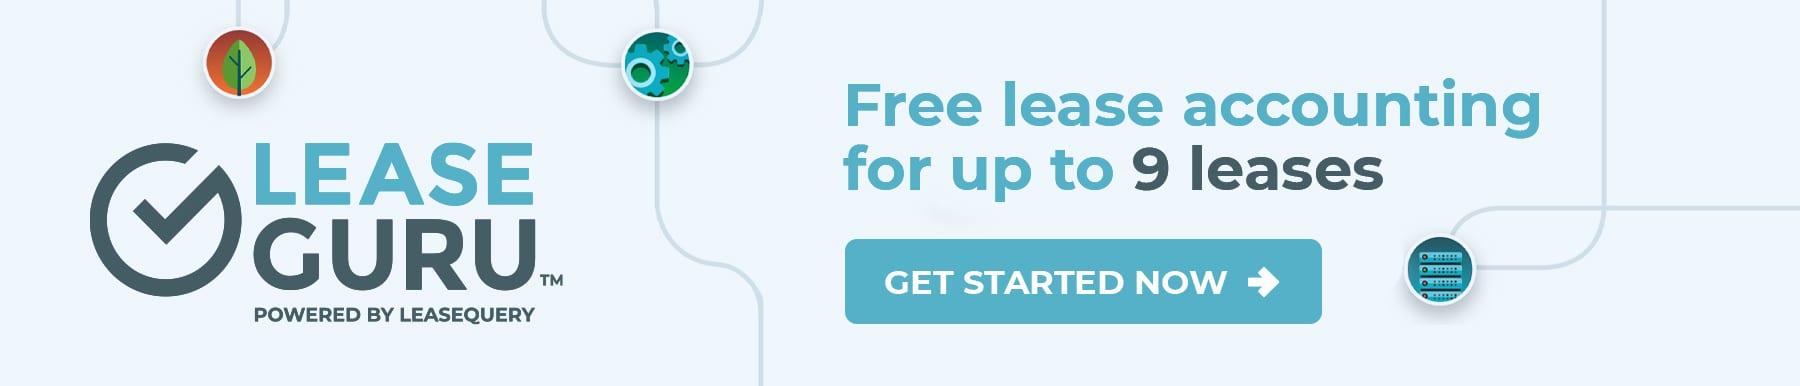 LeaseGuru Free Lease Accounting Software